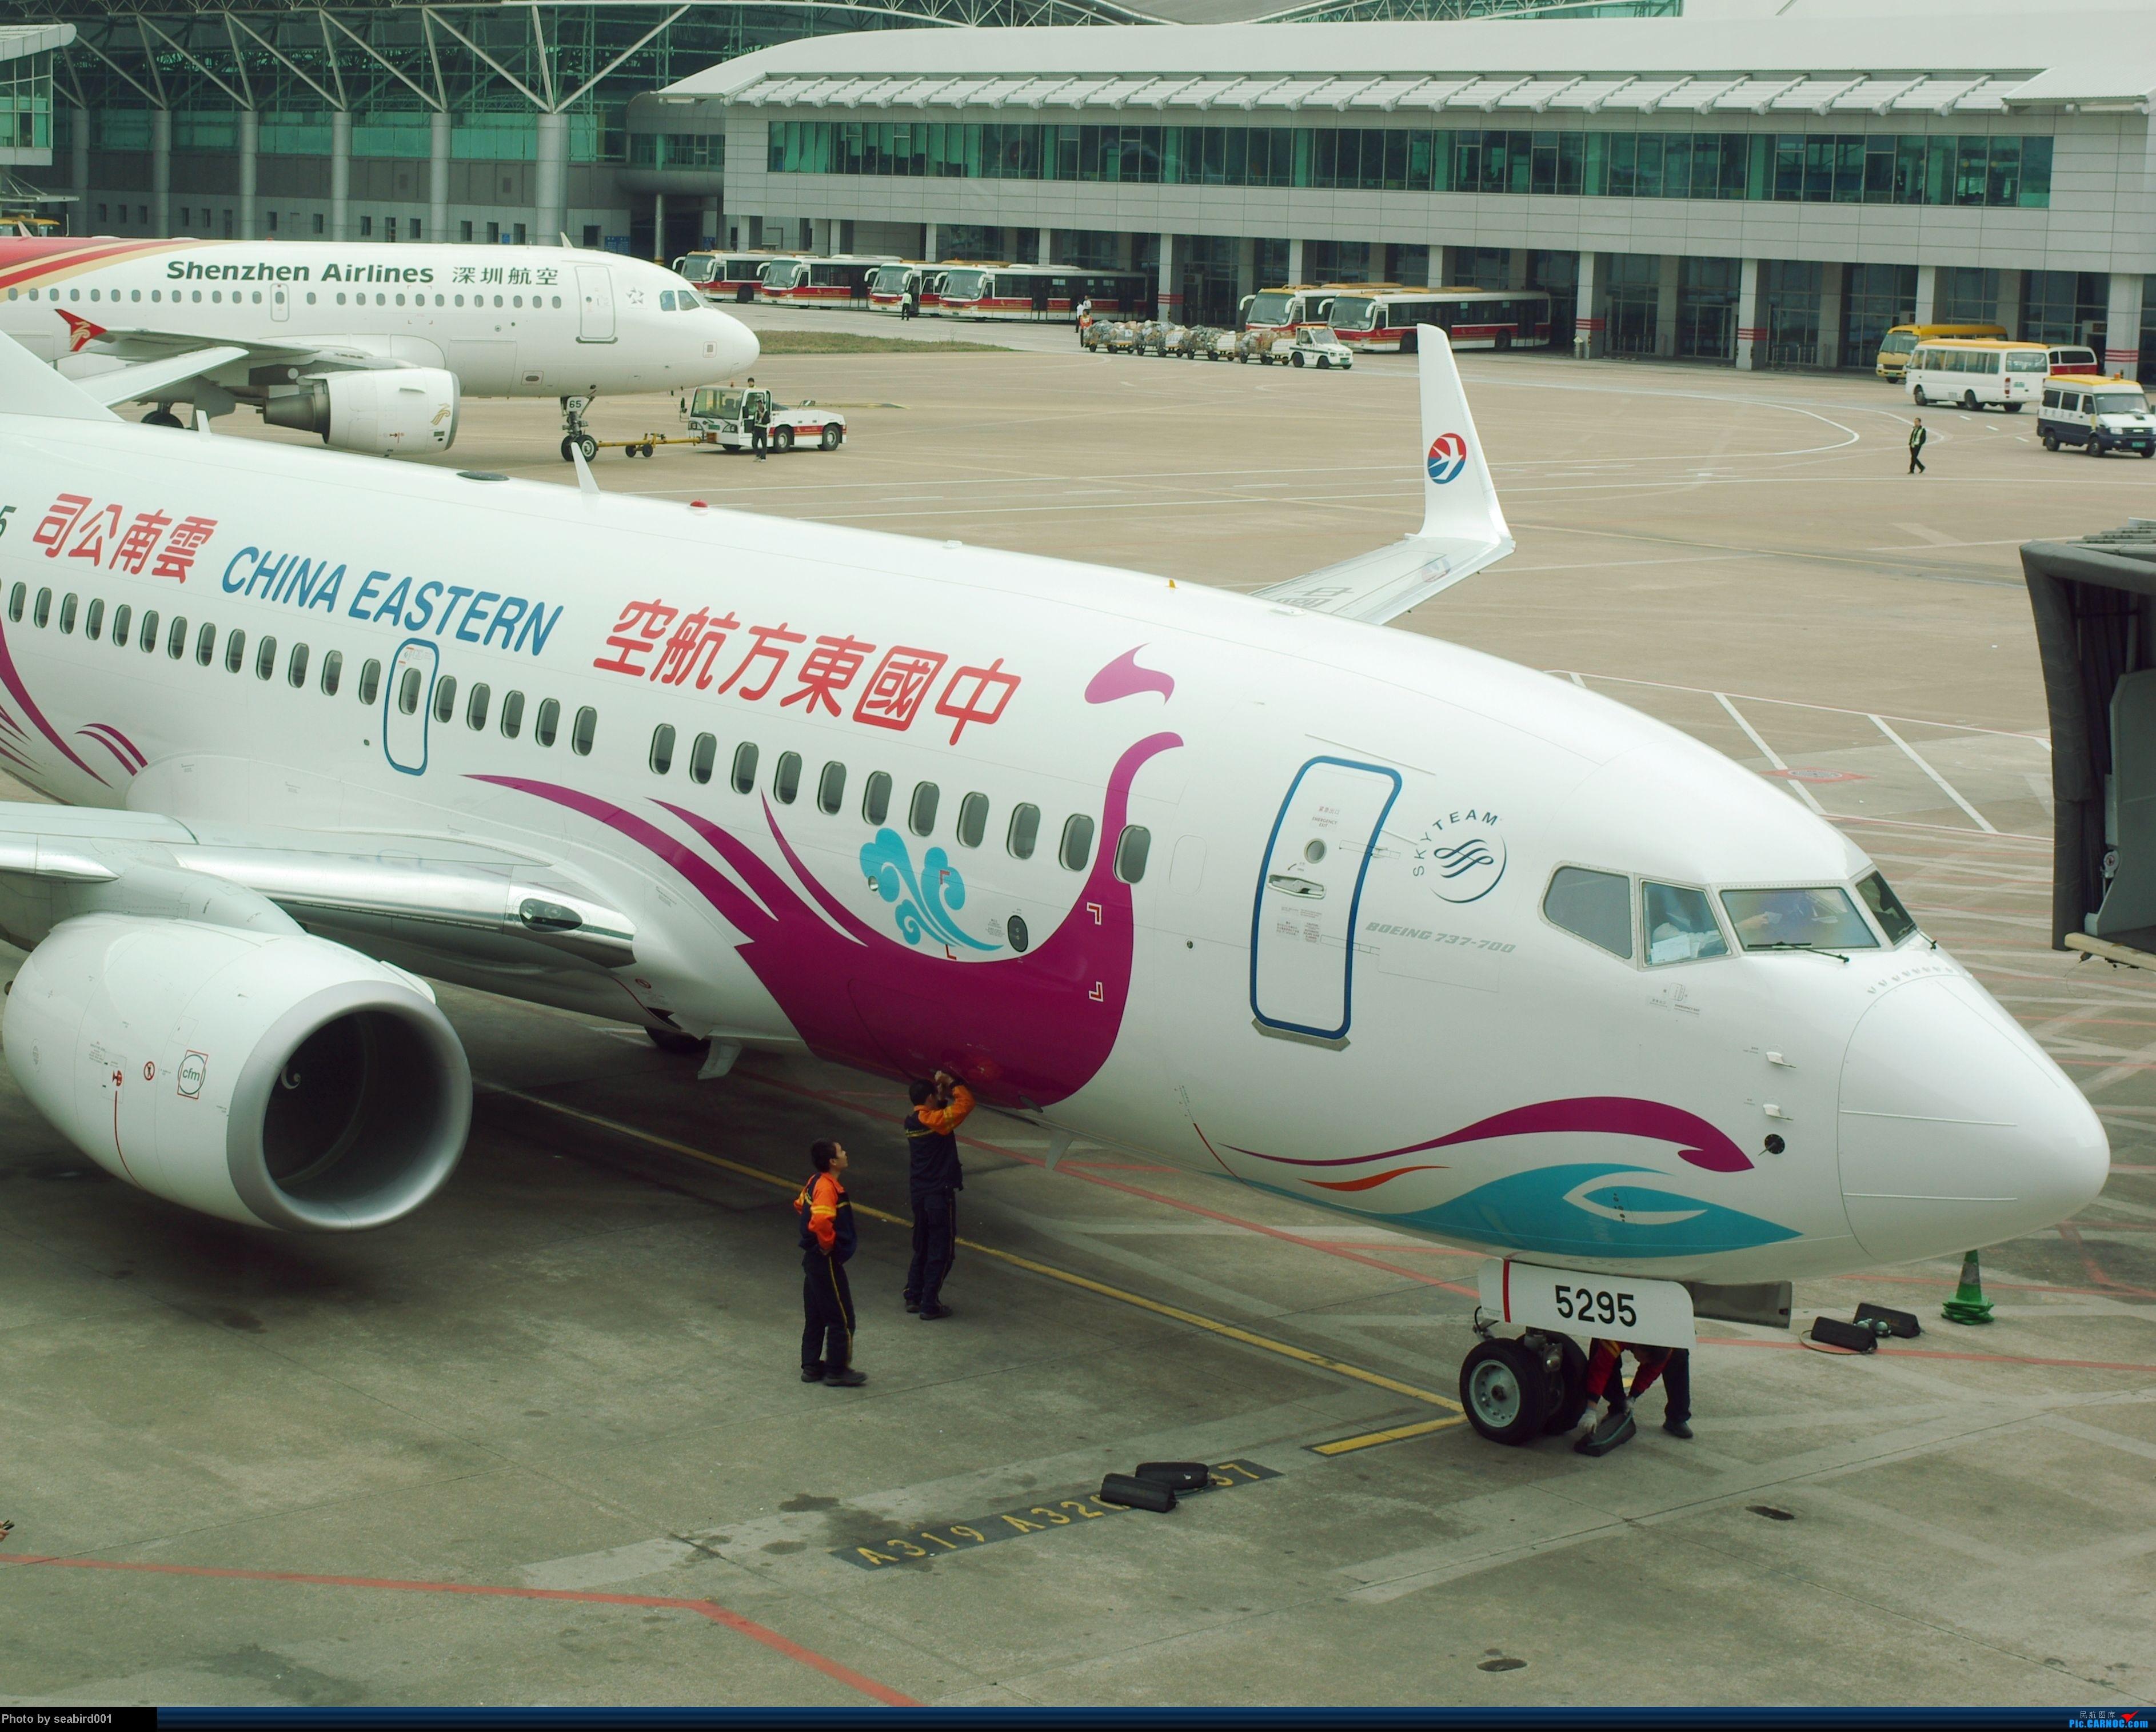 Re:[原创](深圳飞友会)12月29日飞成都前抓到的,有正合时宜的熊猫机,深圳星星,云南孔雀。 BOEING 737-700 B-5295 中国深圳宝安机场